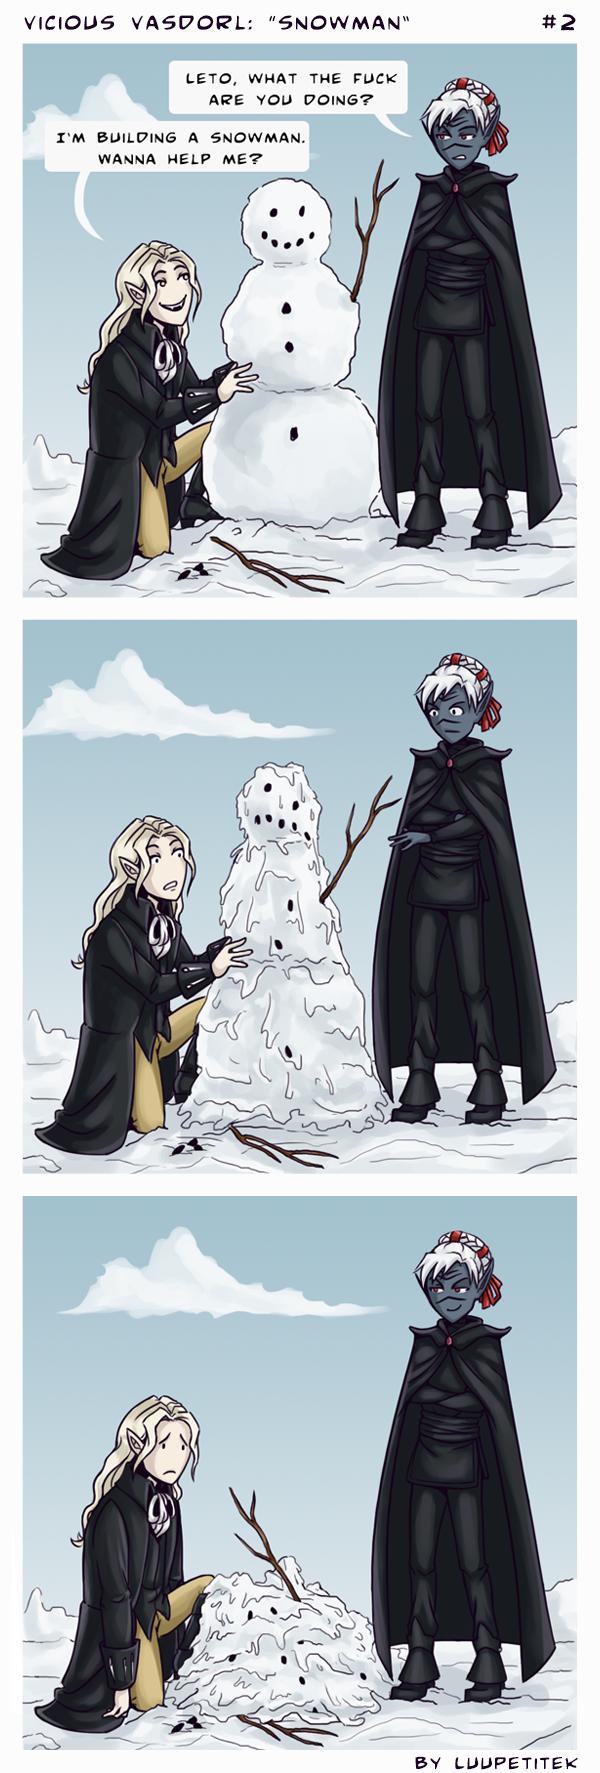 VV comic: Snowman